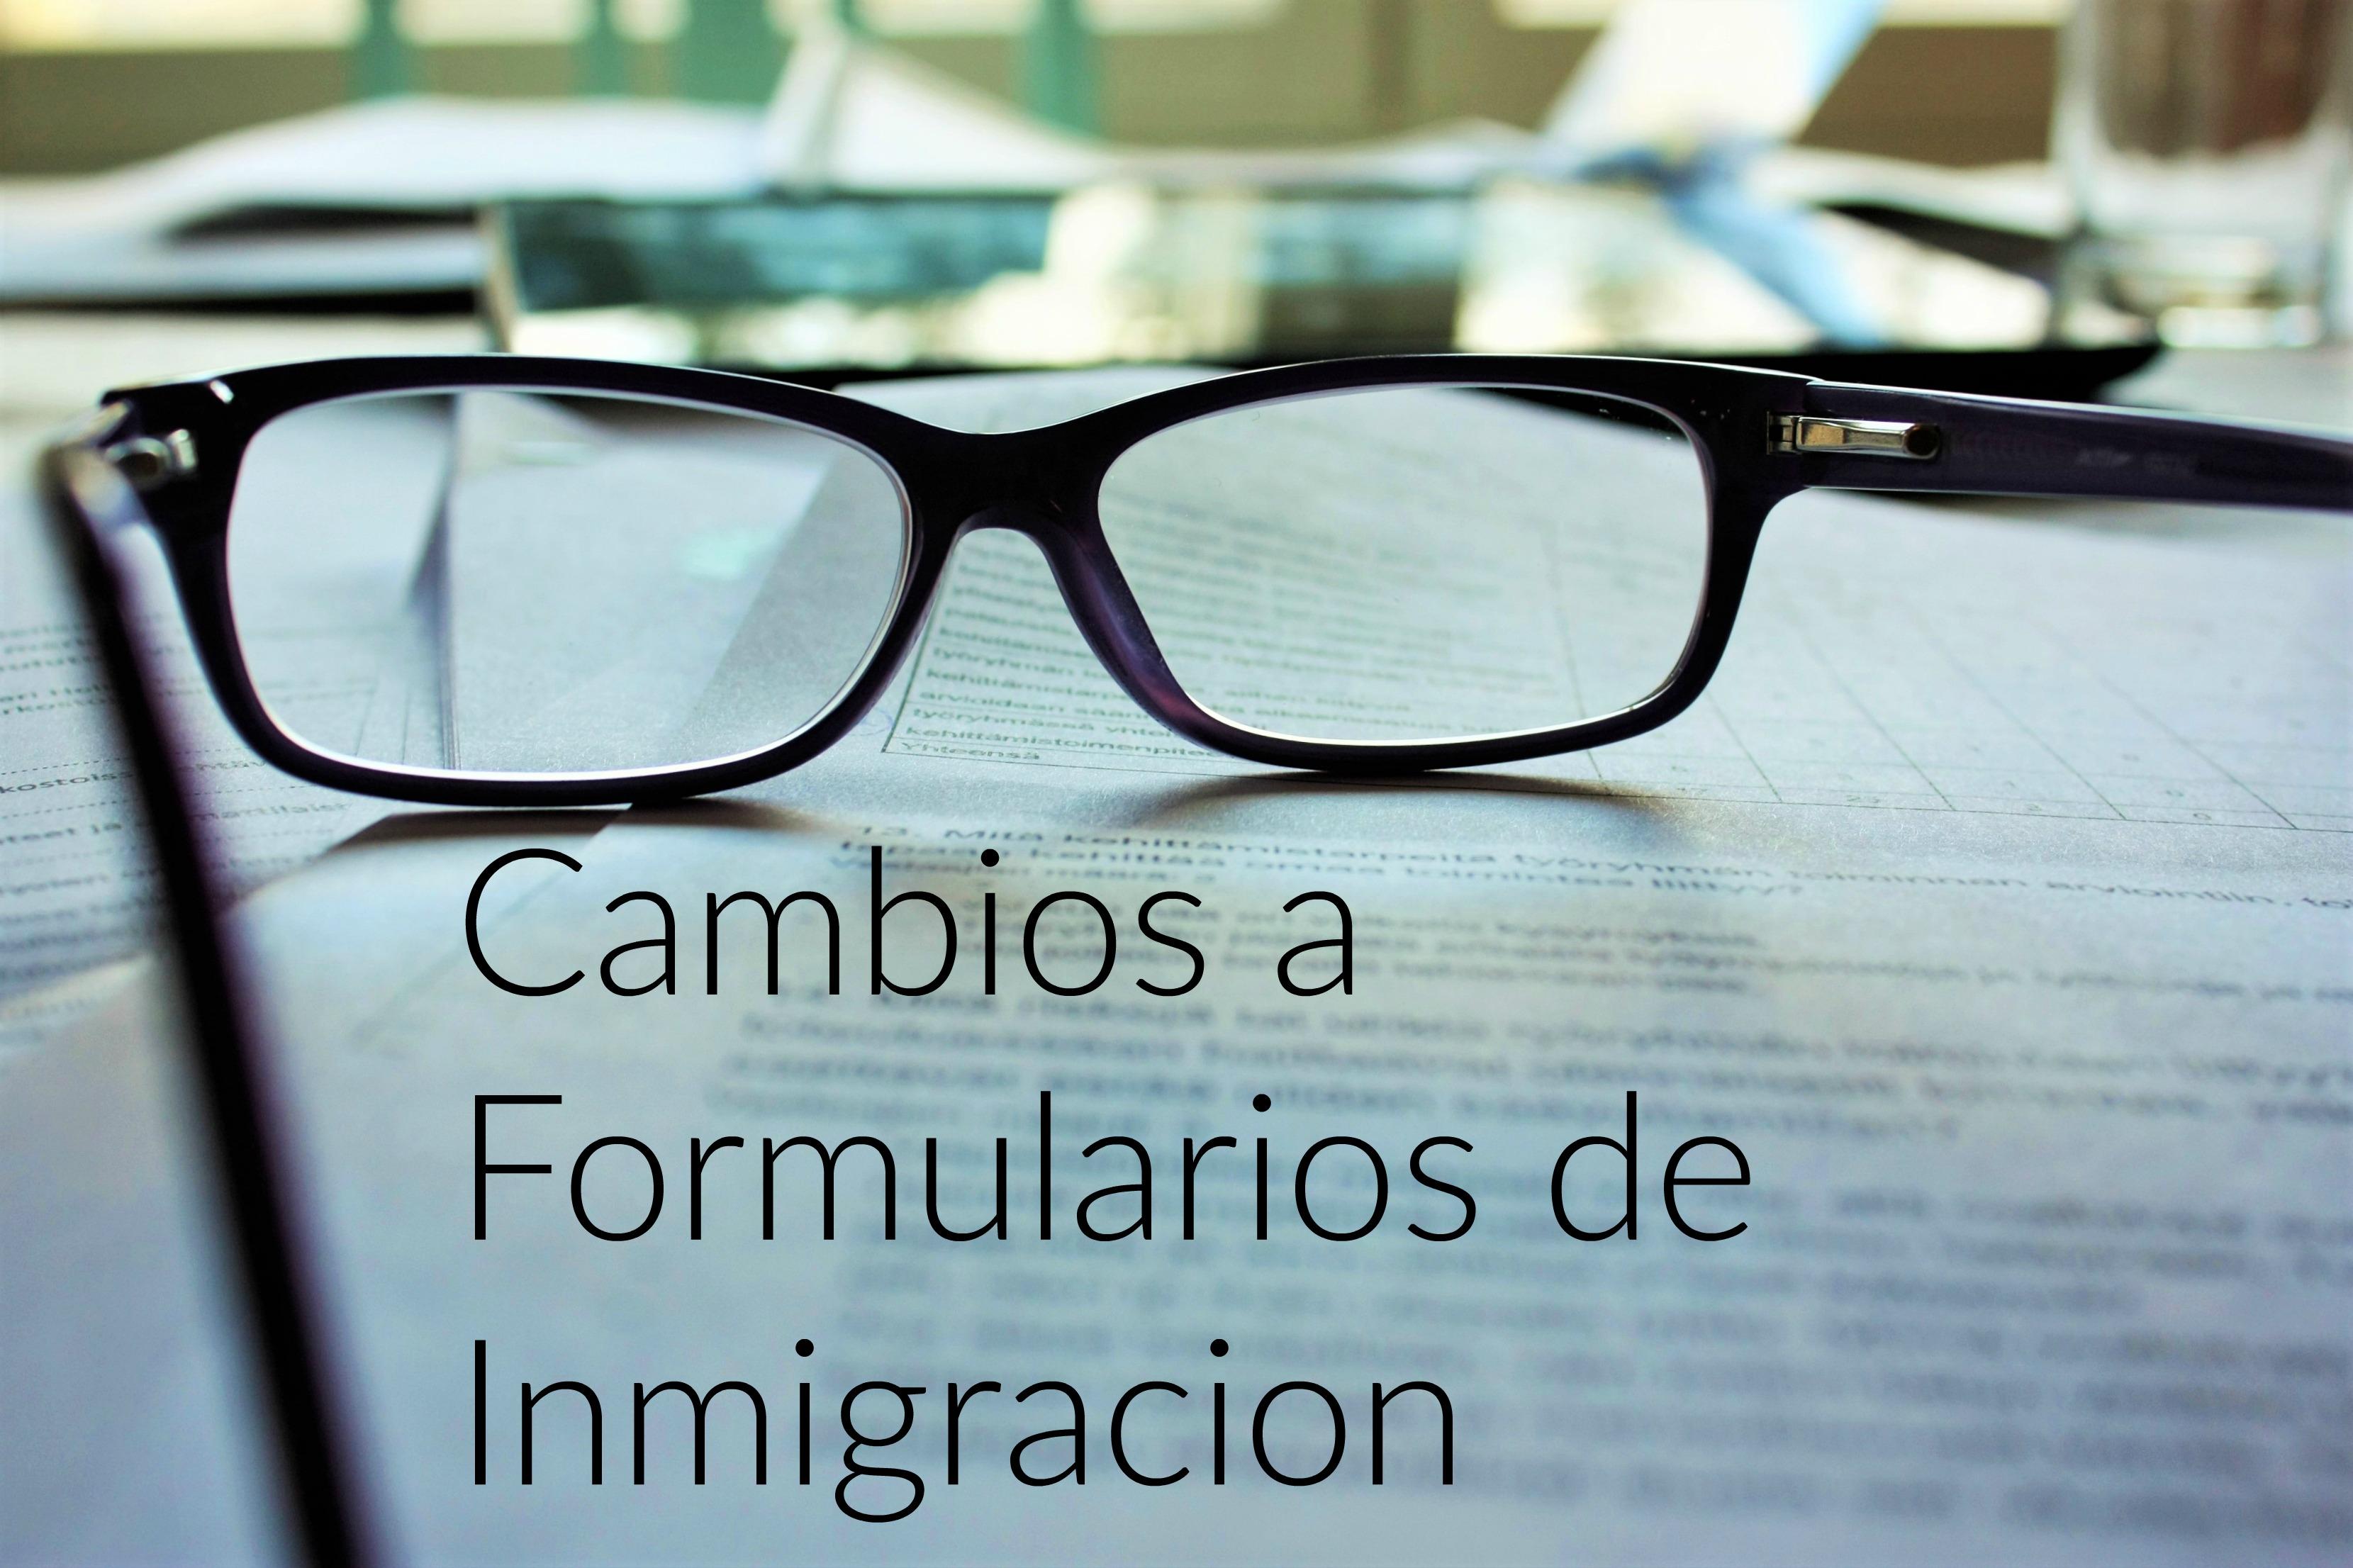 Cambios a fomularios de inmigracion